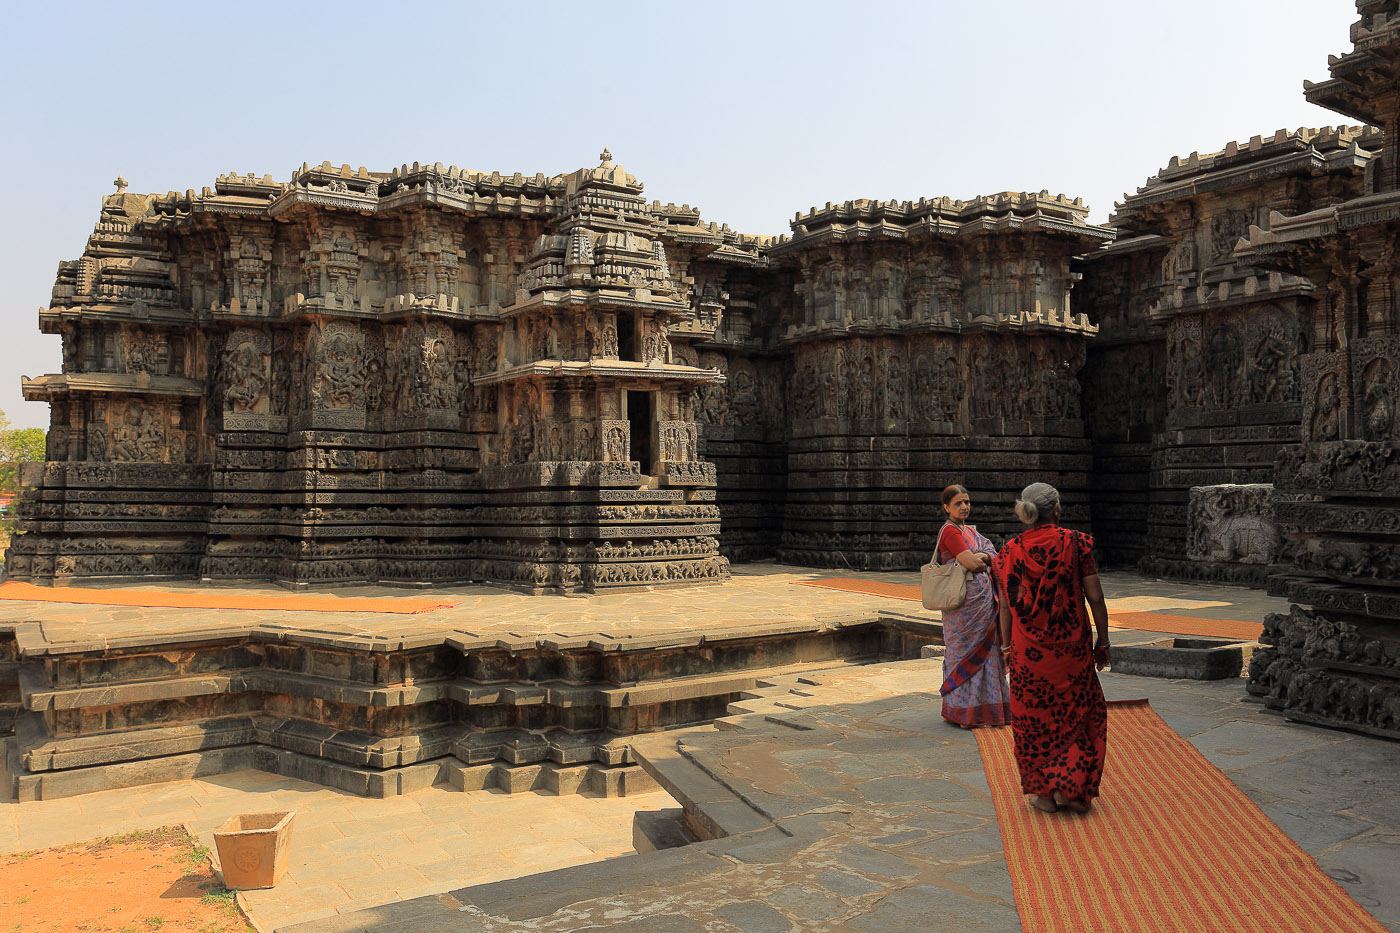 Фотография №5. Храм Хойсалешвара в Халебиде, элементы декора. Женщины на фоне стен. Отзывы об экскурсиях в Гокарне. Поездка на экскурсии в штат Карнатака в Индии. 1/50, -1 eV, f9, 29 mm, ISO 100.